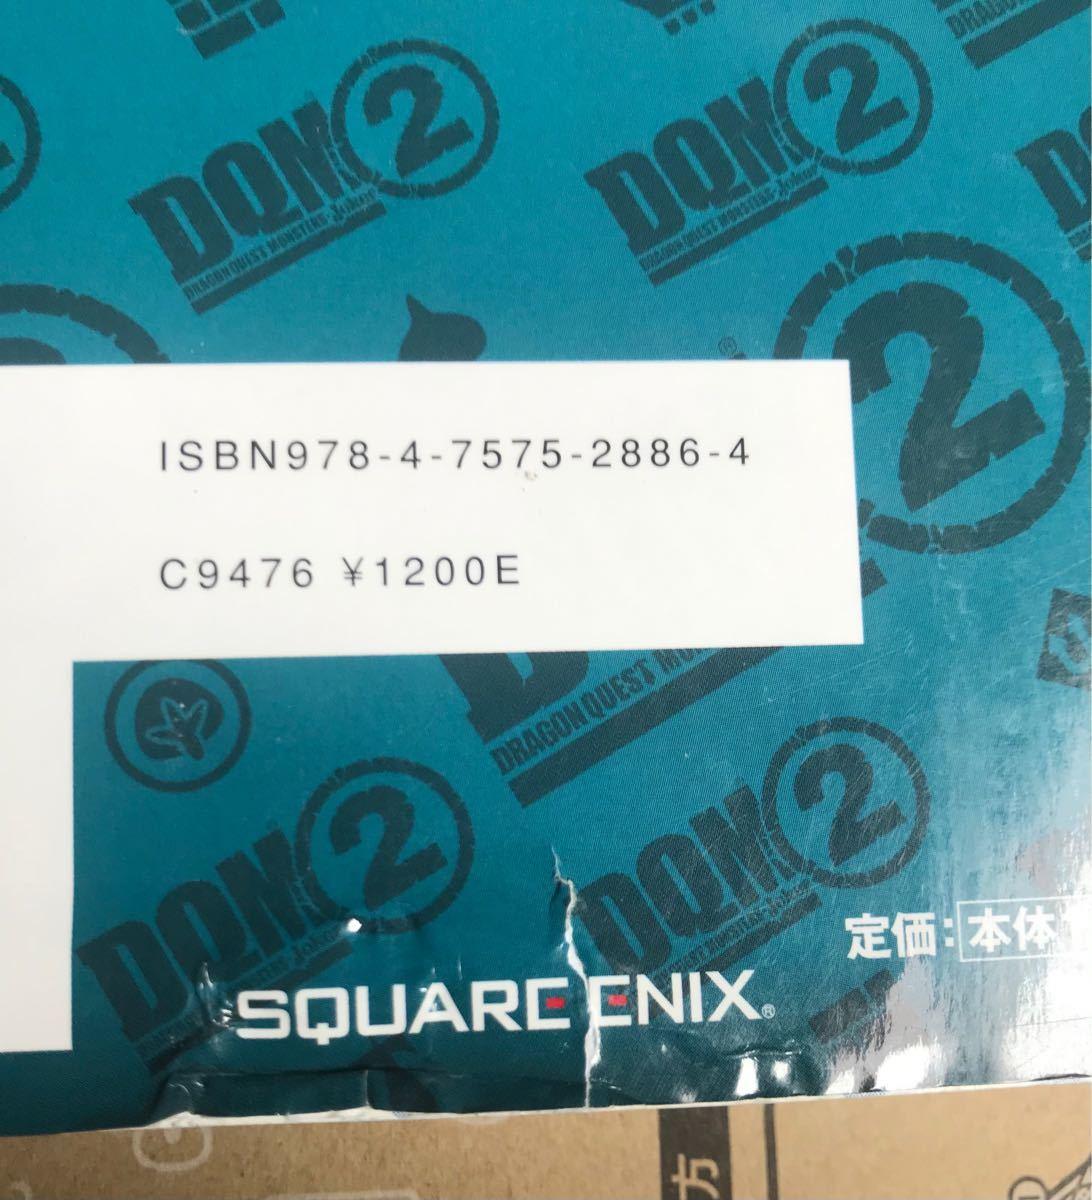 【DS】 ドラゴンクエストモンスターズ ジョーカー2、公式ガイドブック セット